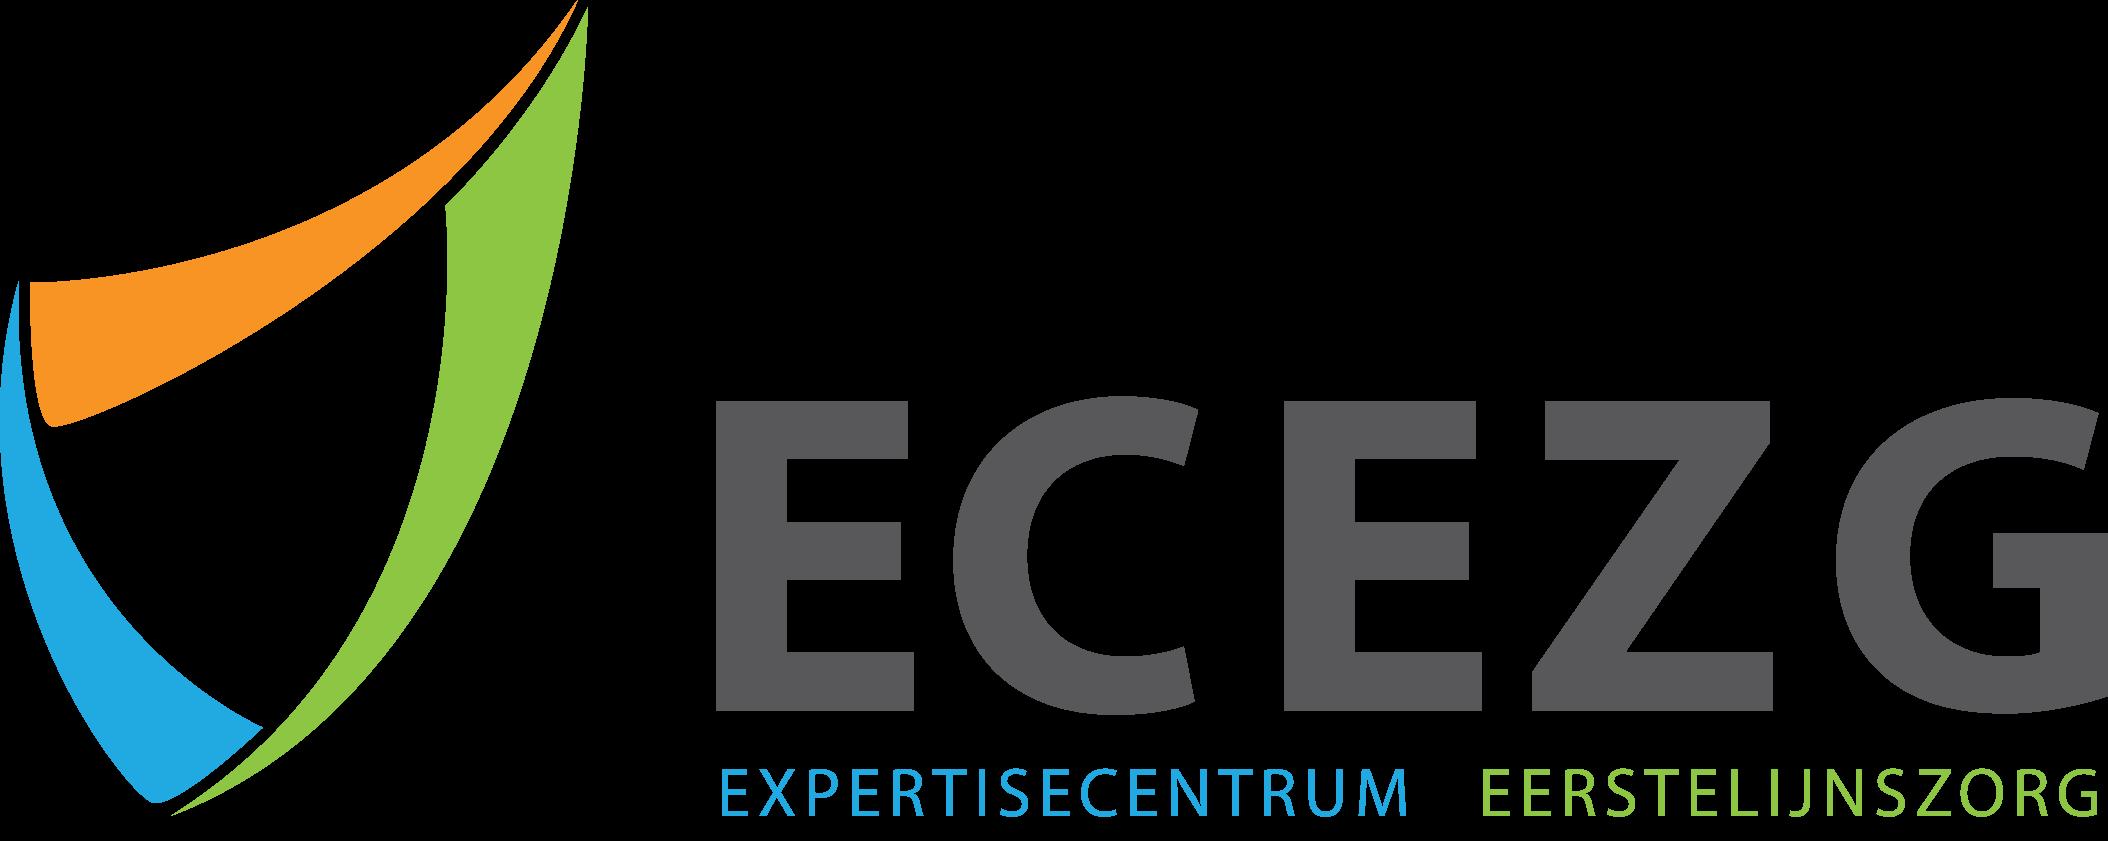 Expertisecentrum Eerstelijnszorg Groningen